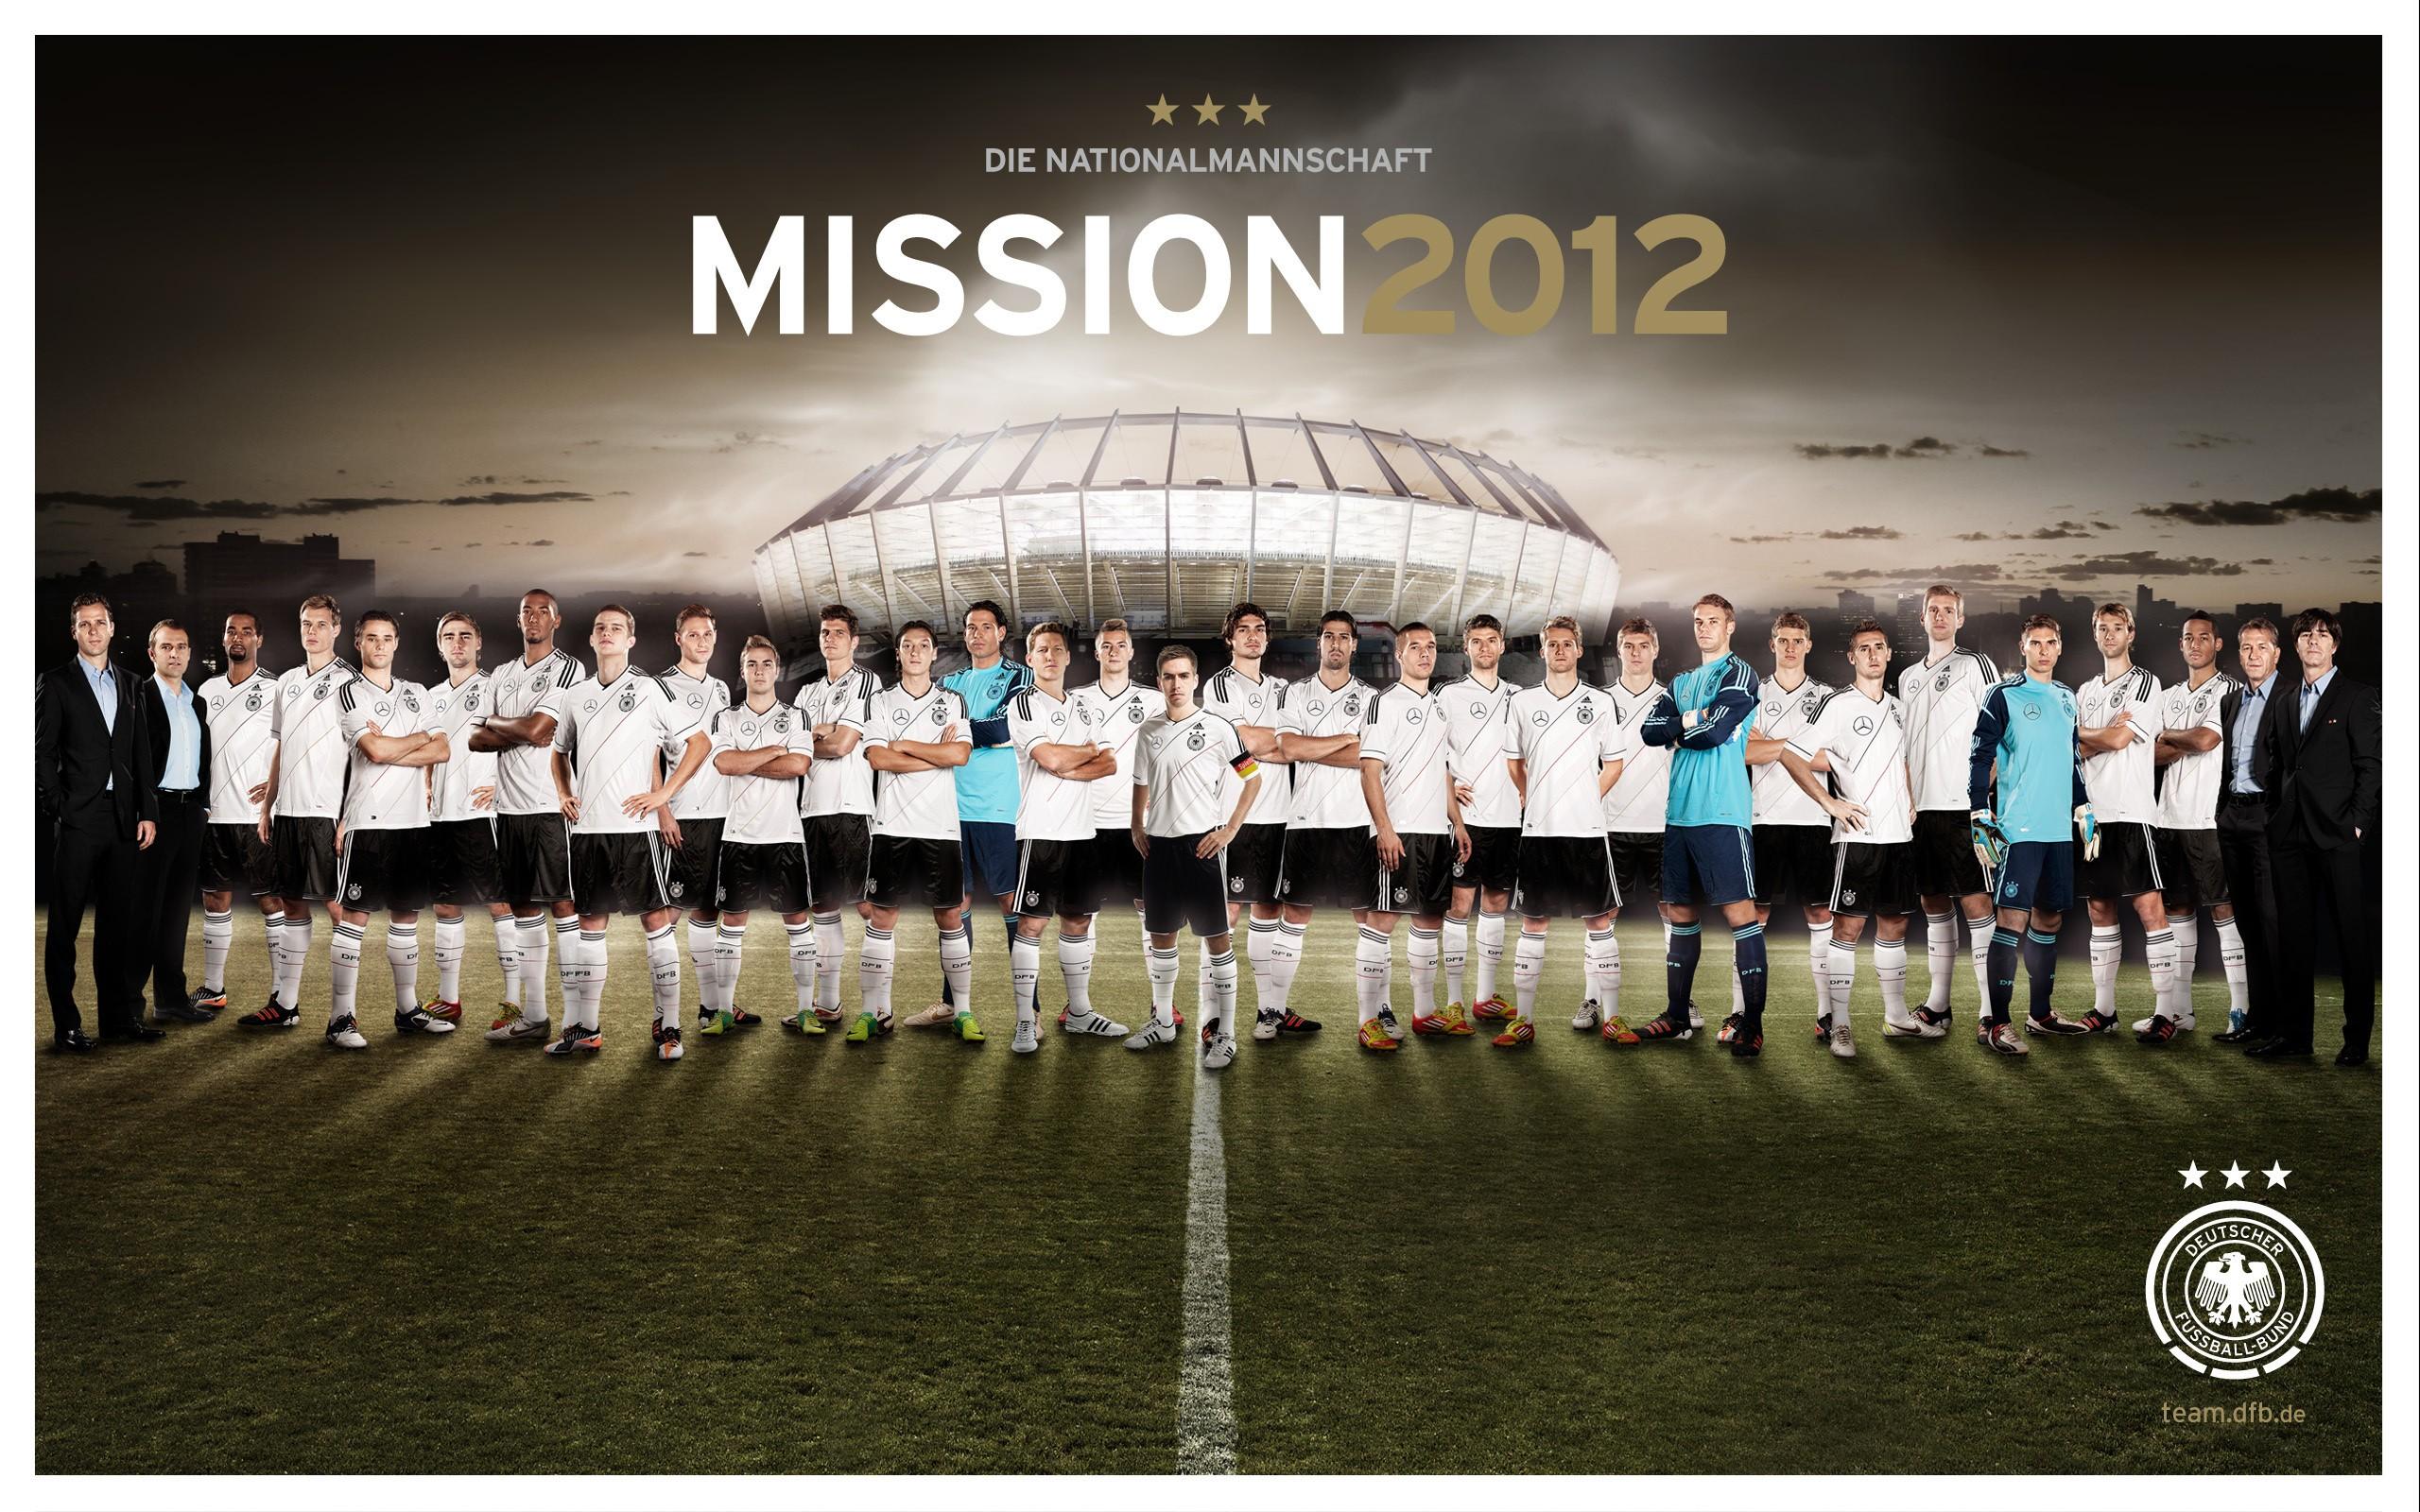 soccer euro 2012 germany national team nationalmannschaft wallpaper 2560x1600